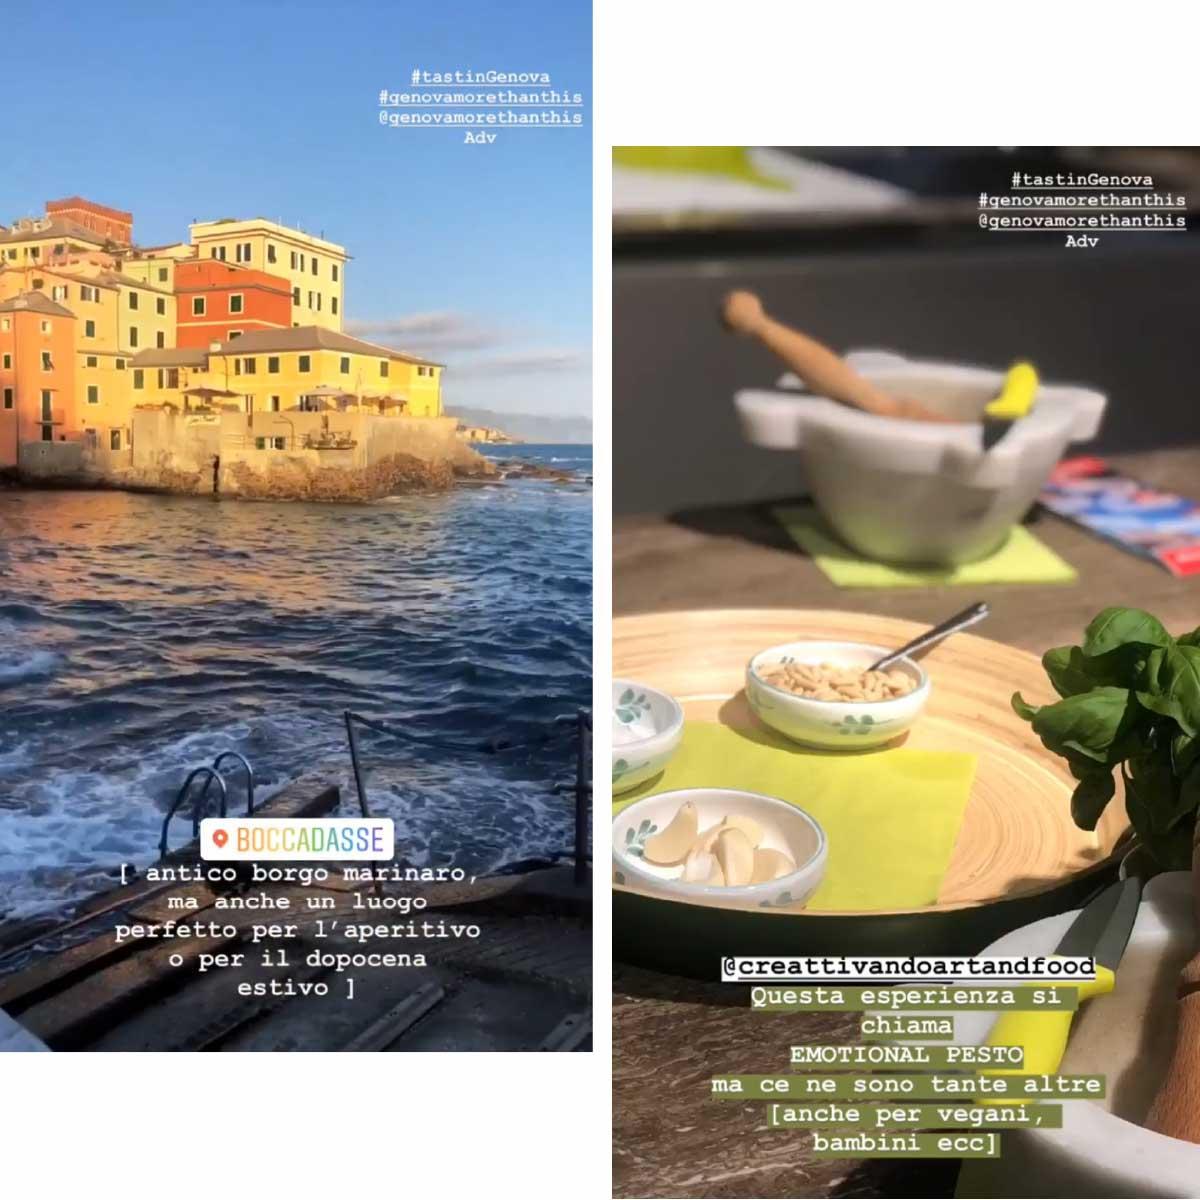 comune-di-genova-influencer-marketing-turismo-influencer-marketing-5